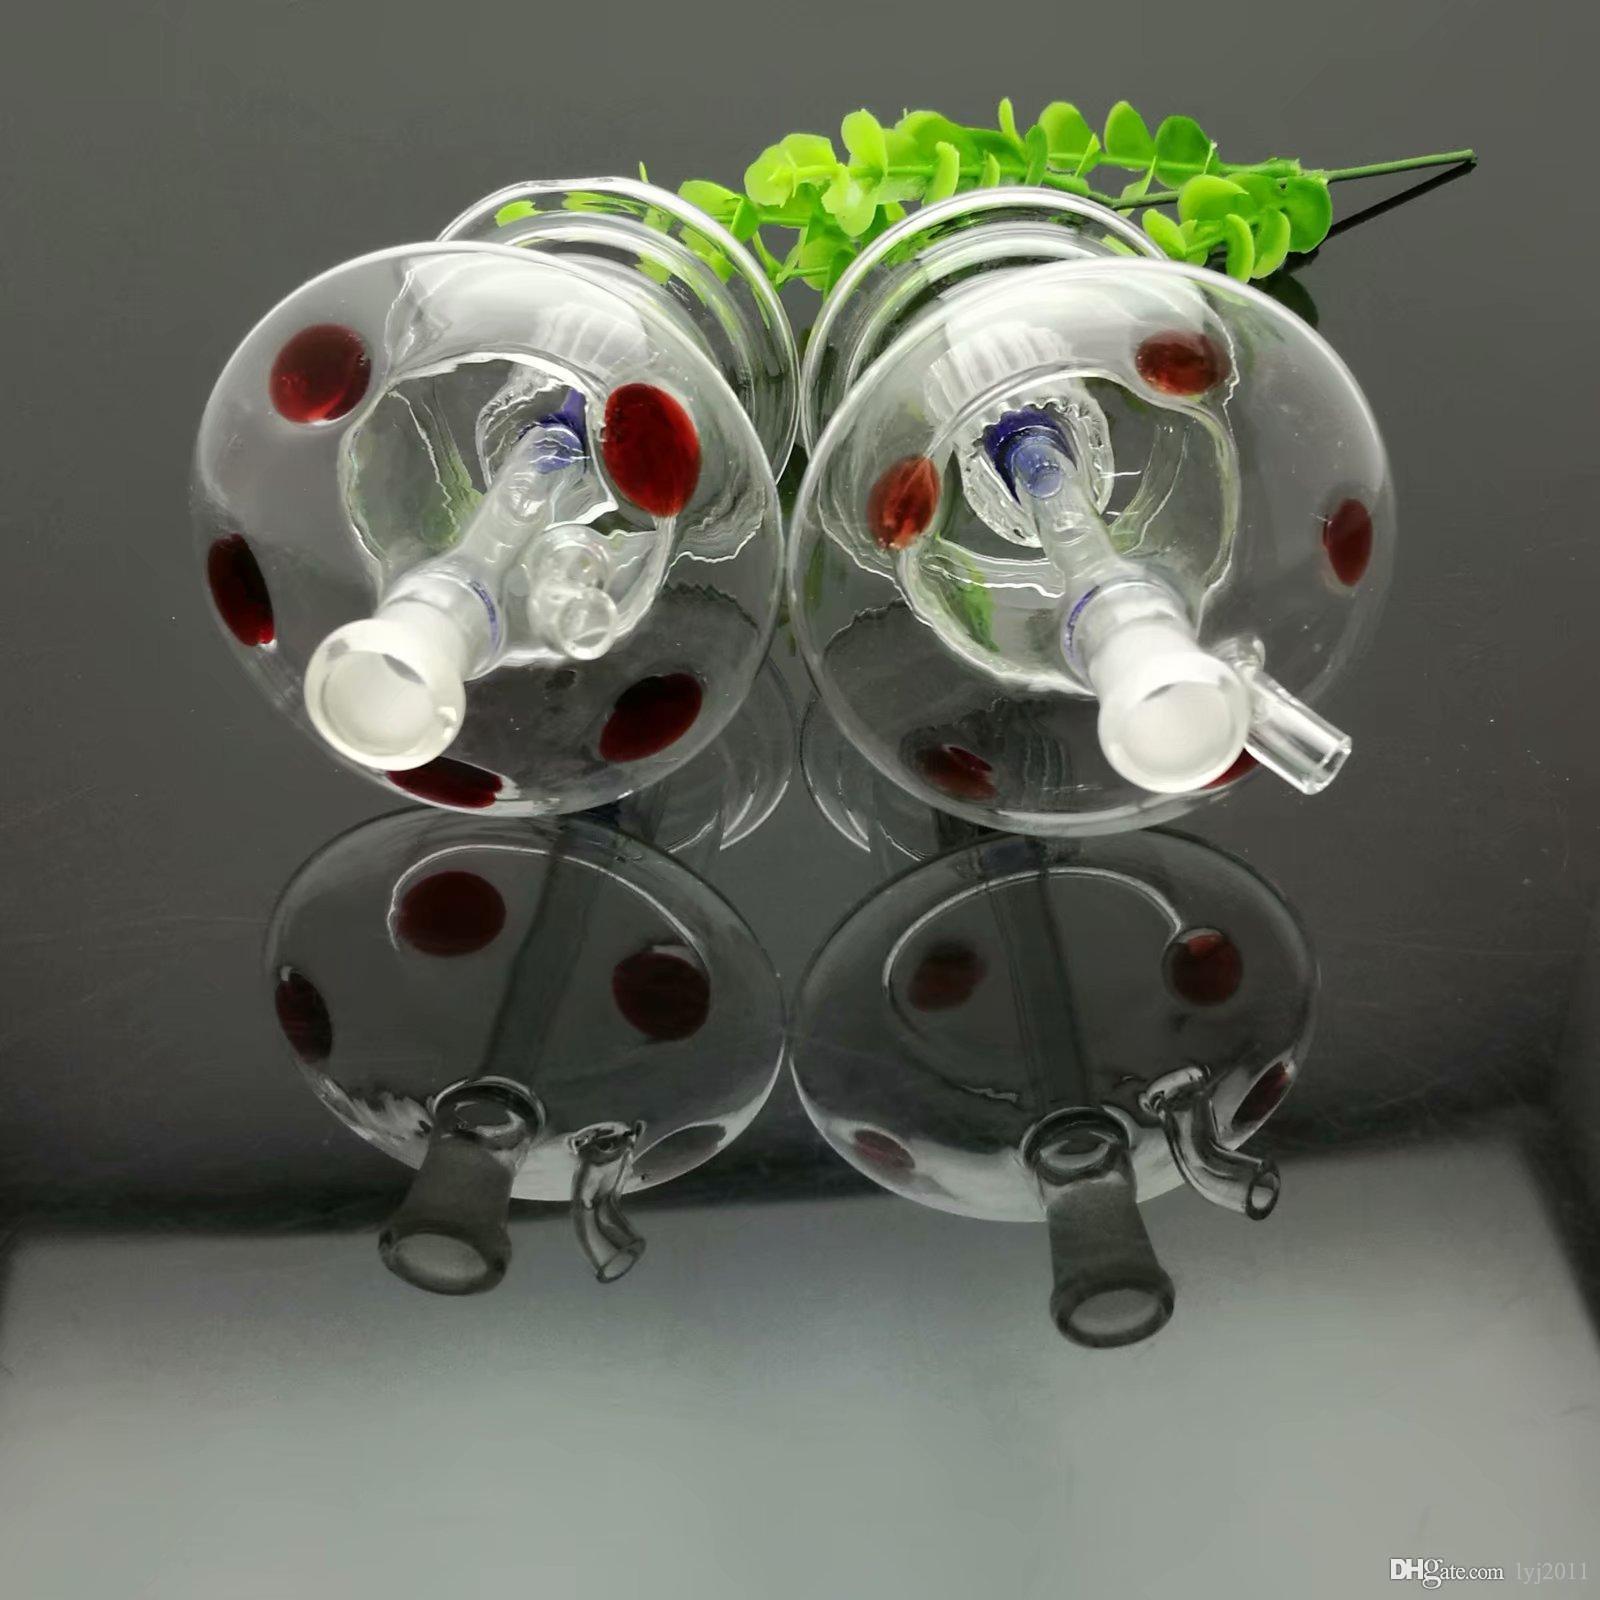 Горячая продажа цвет пунктирных грибного стекла сигарета чайник Оптовые Трубы из стекла для воды Табак Аксессуары Стекло Ash Catcher